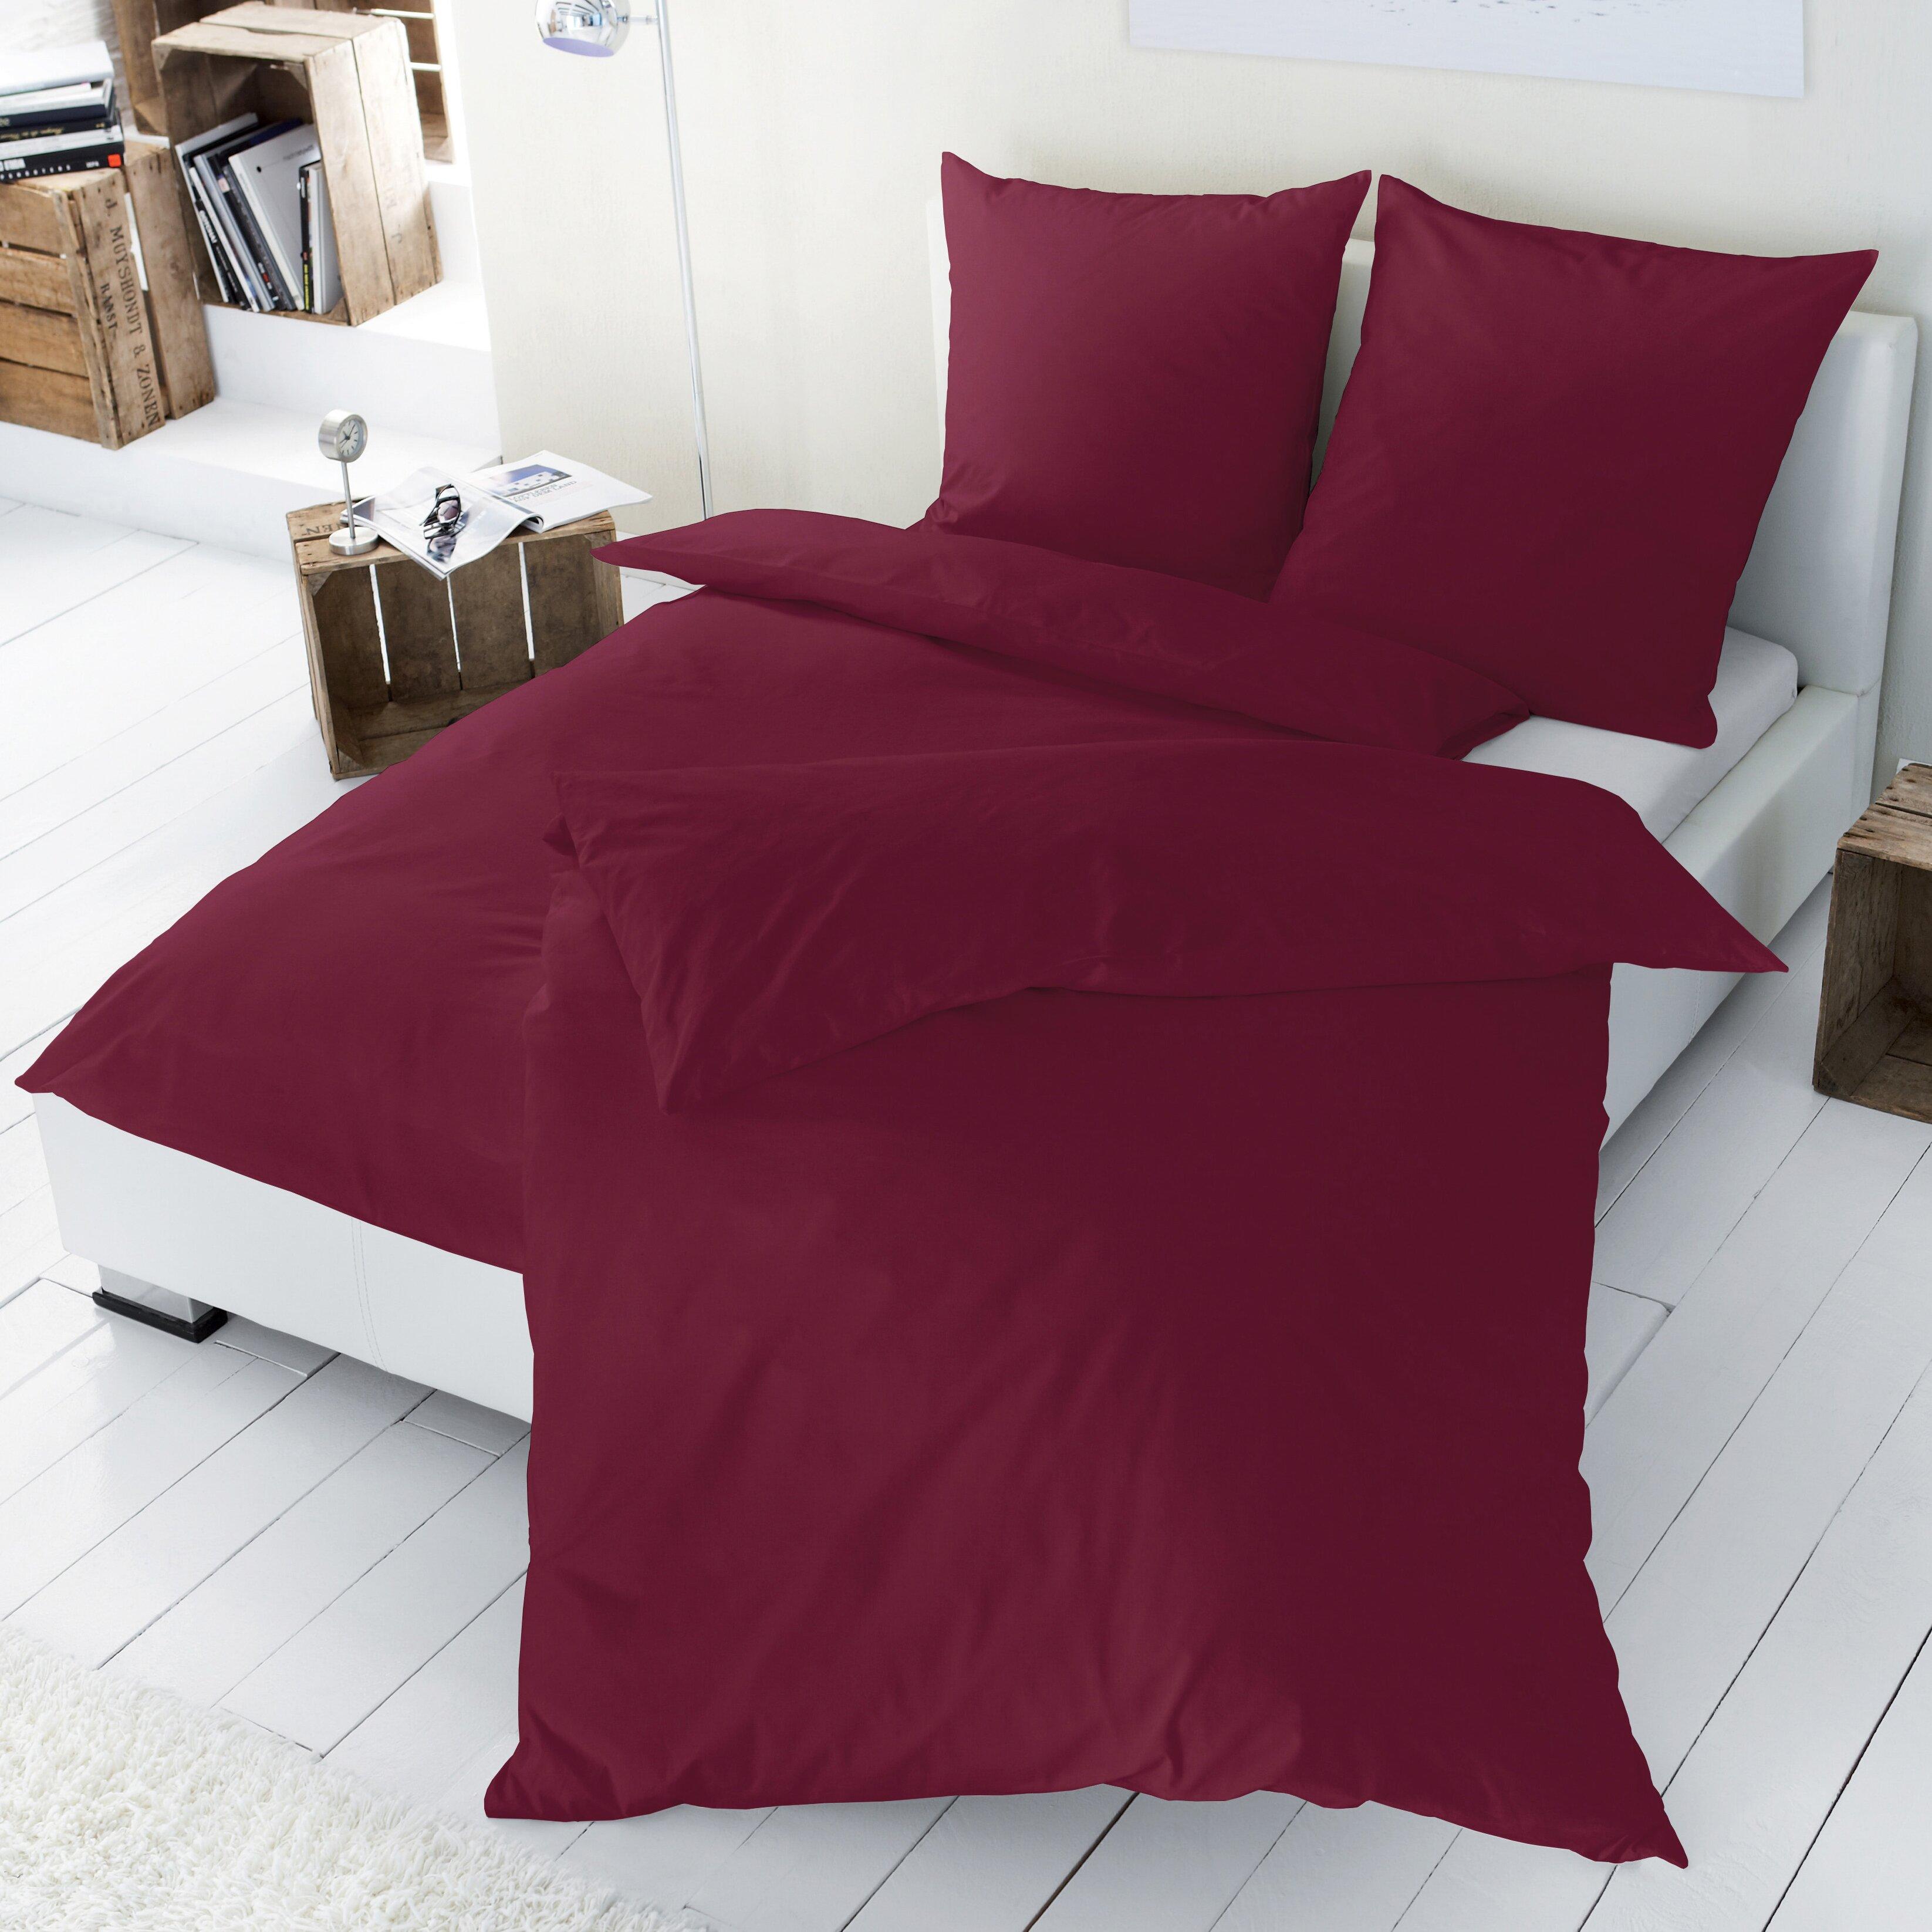 house additions bettw sche set luxus satin bewertungen. Black Bedroom Furniture Sets. Home Design Ideas